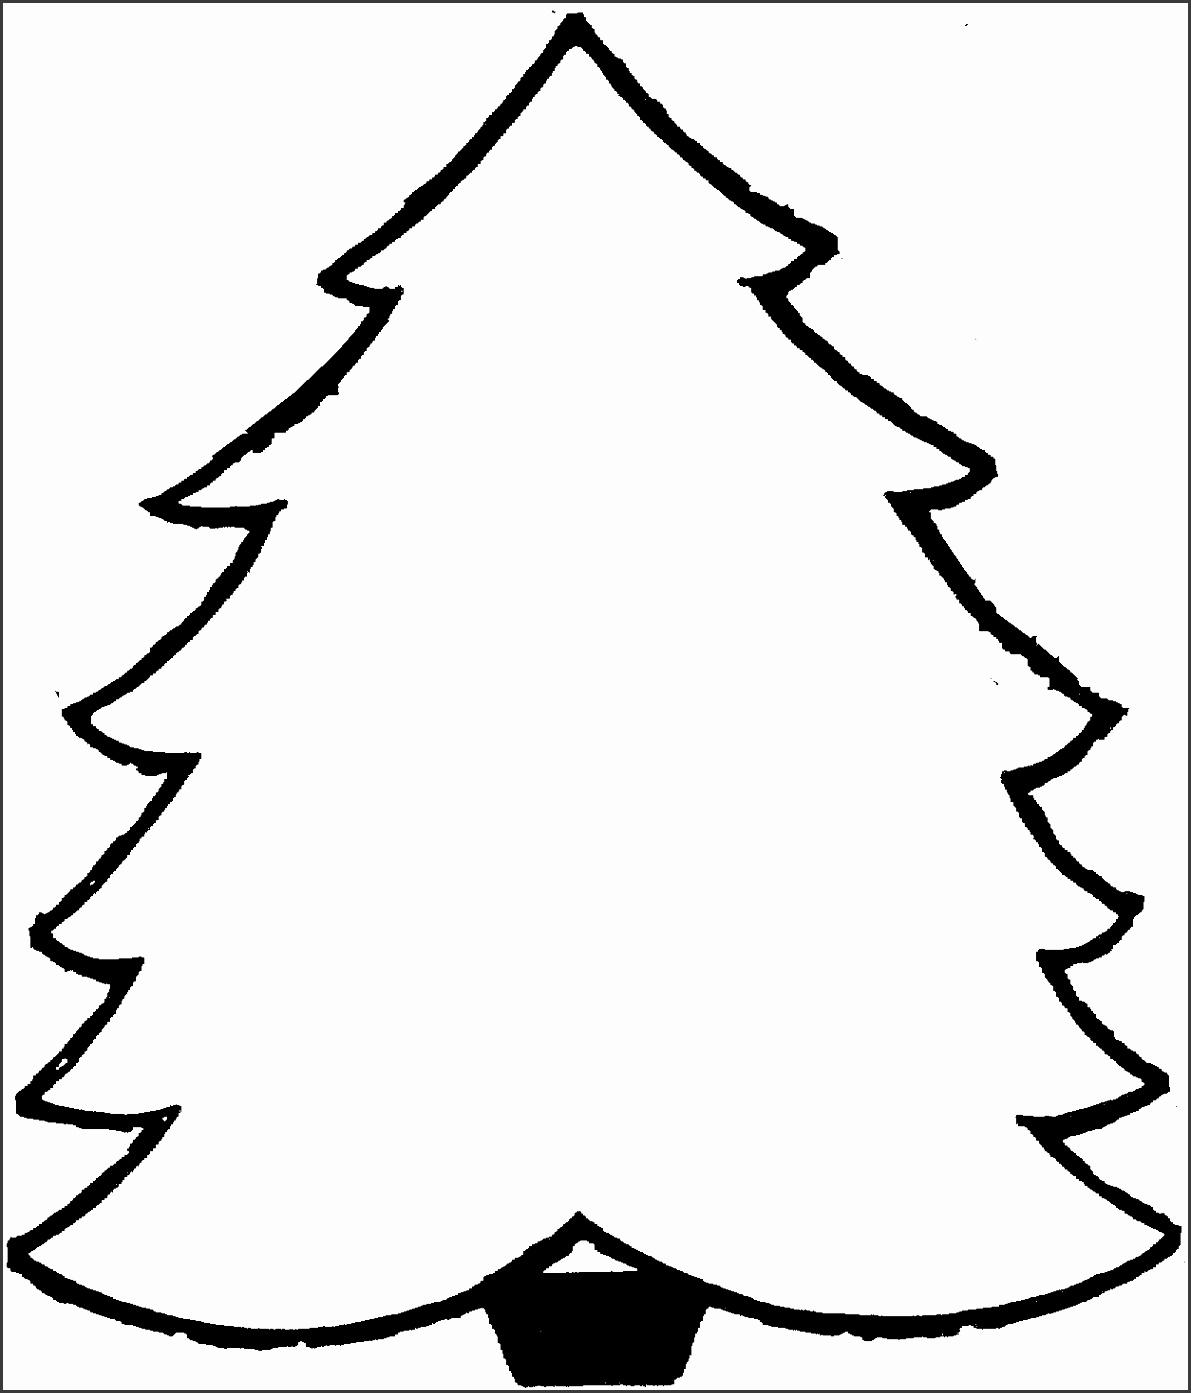 Christmas Tree Templates Plantillas de árboles de Navidad